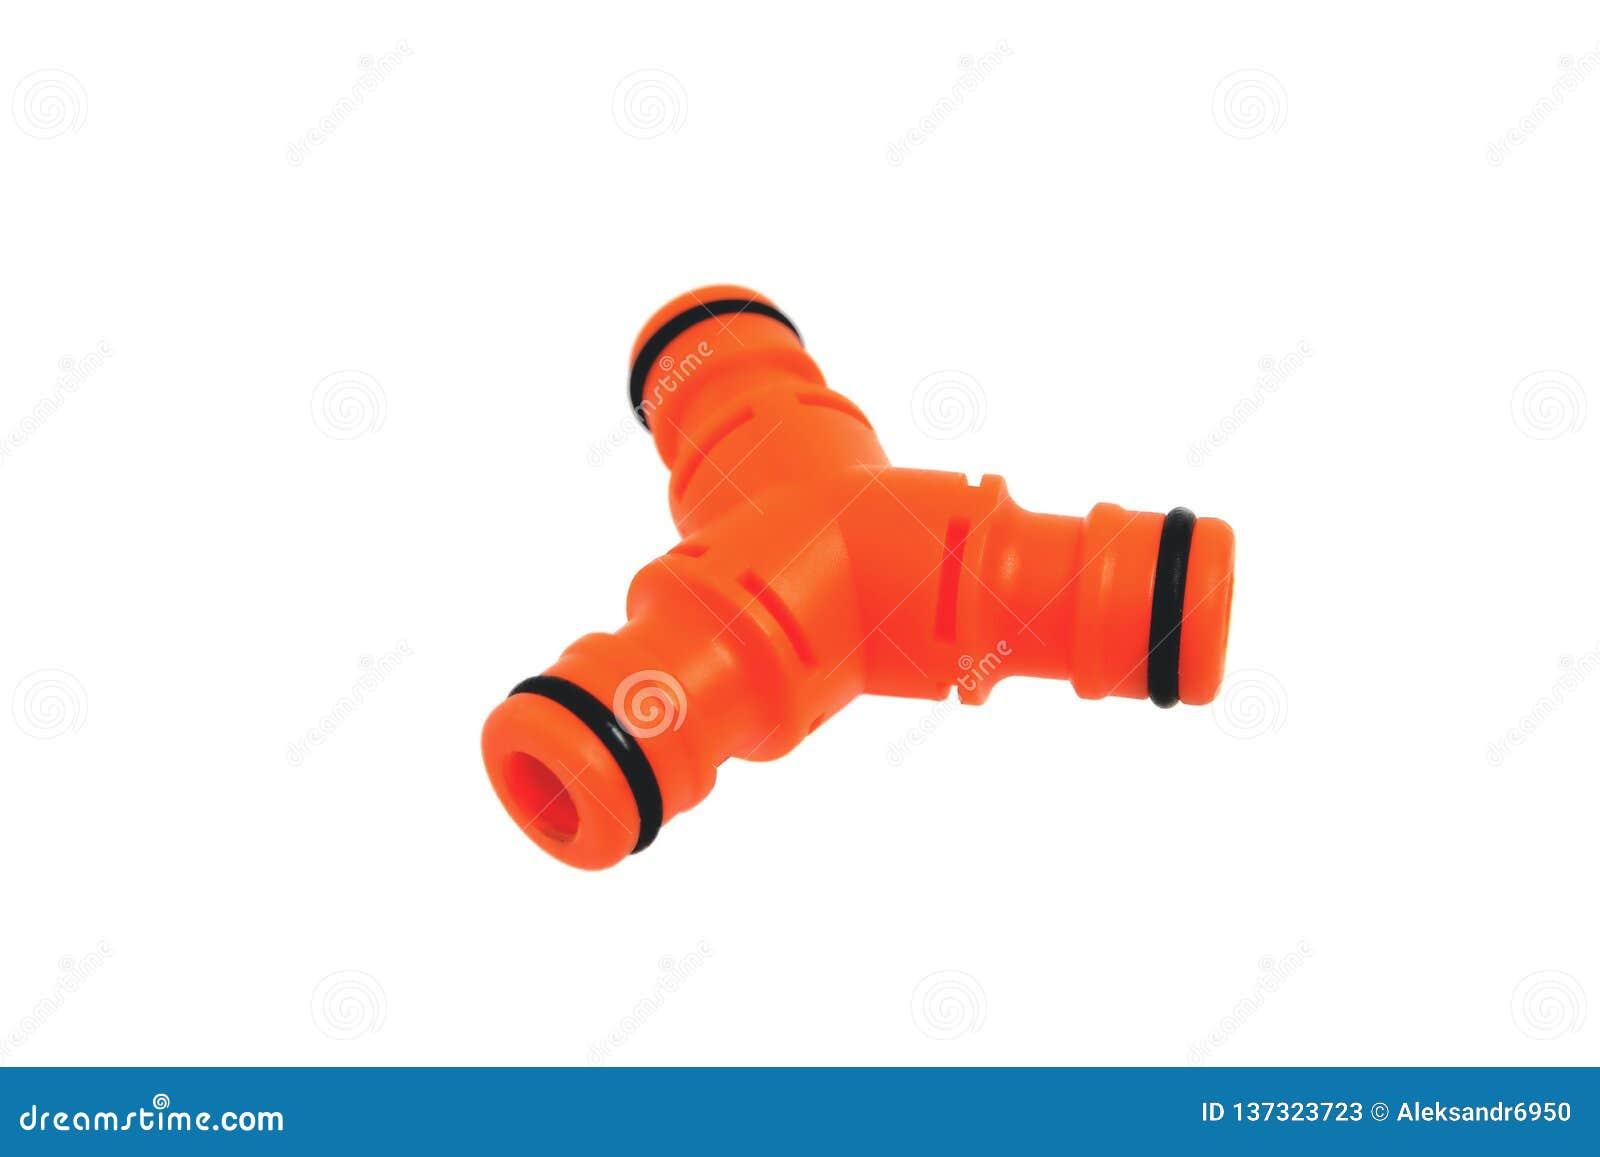 Deboucher Canalisation Avec Tuyau Arrosage adaptateur triple pour les tuyaux de arrosage, fond blanc